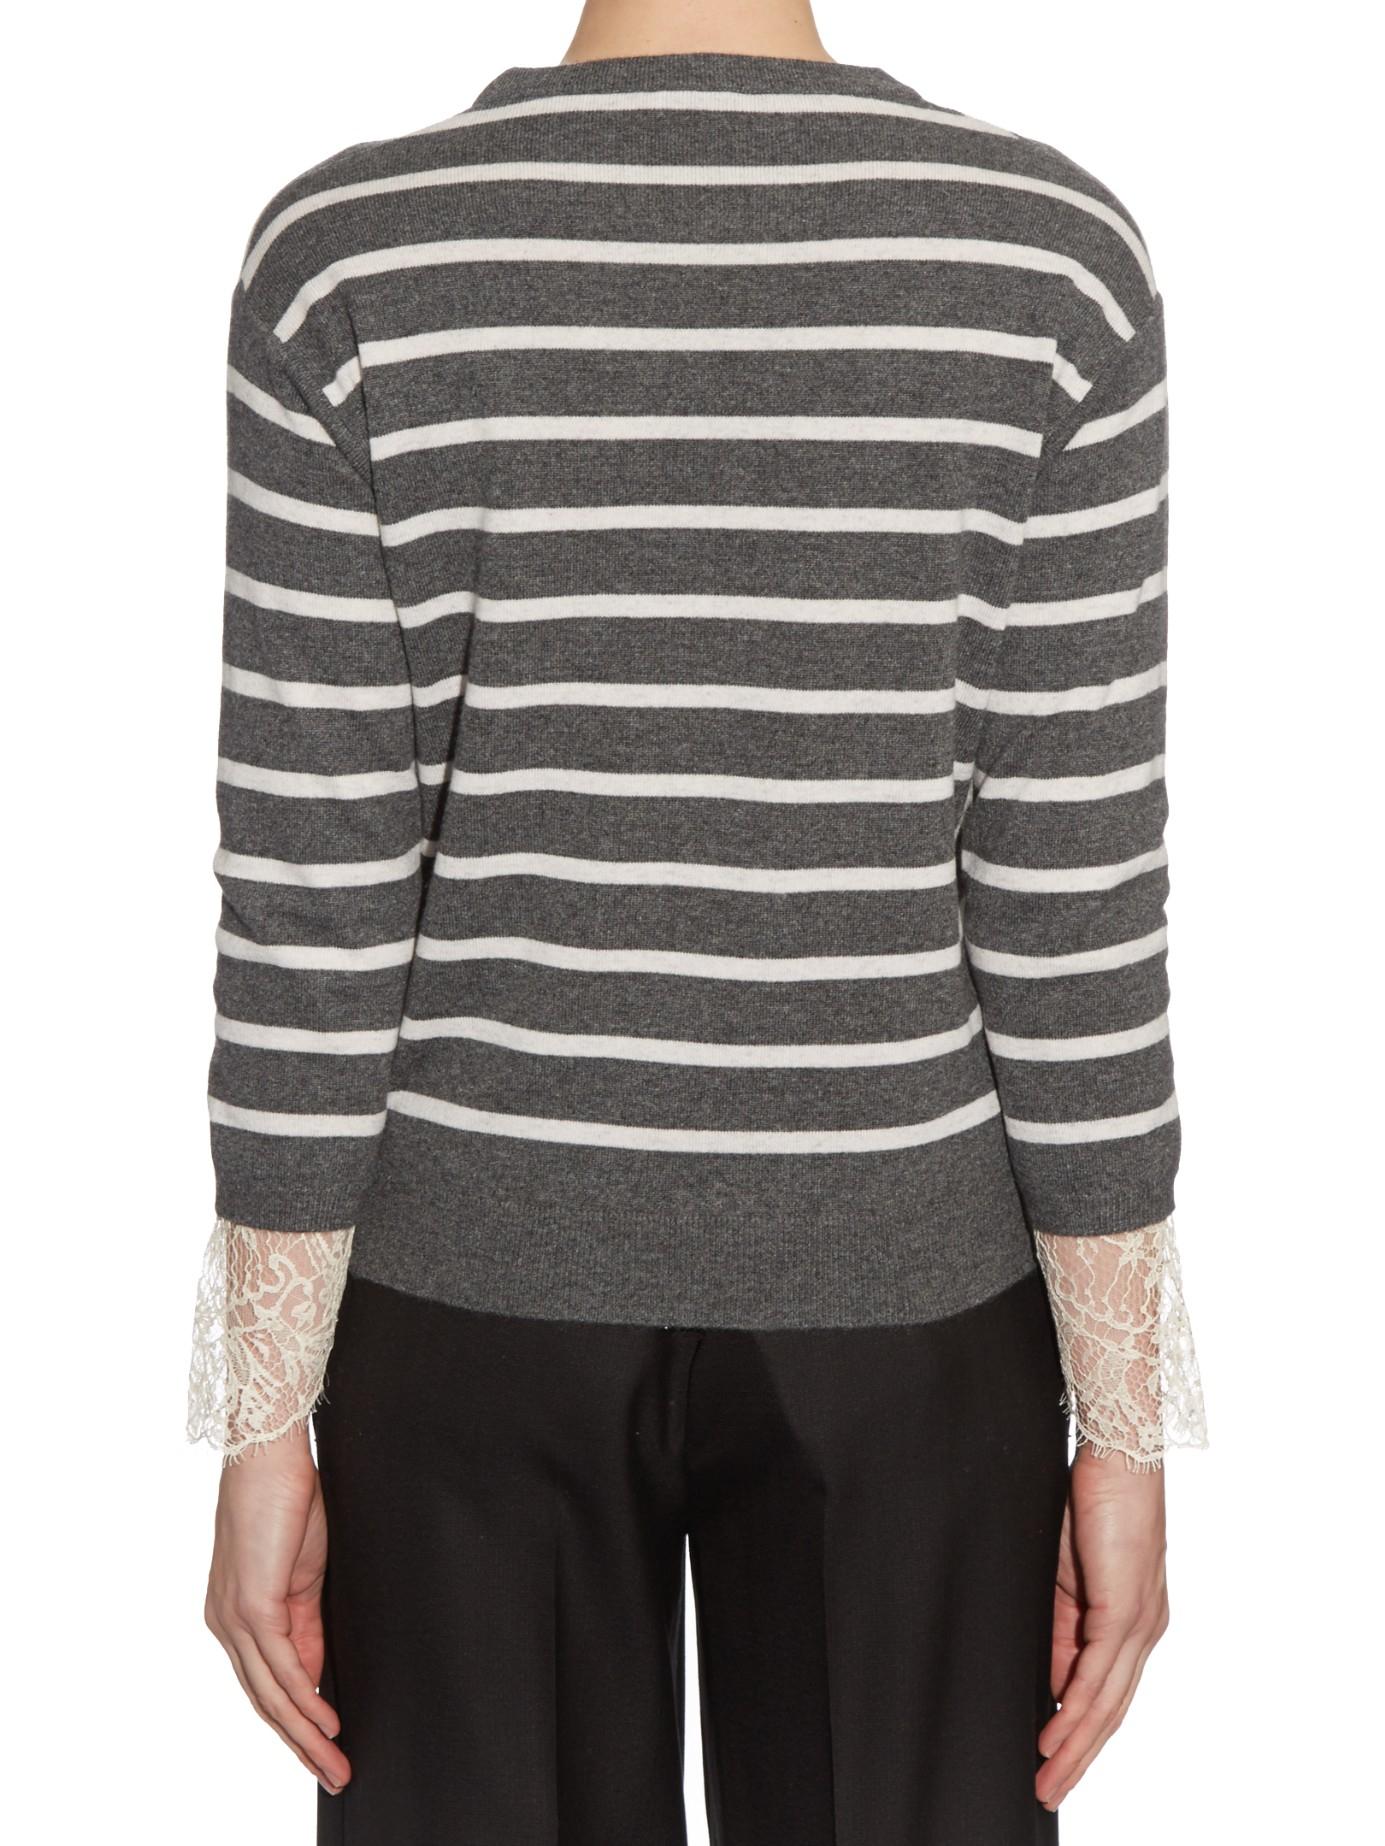 db059313e9 Lyst - Brunello Cucinelli Lace-cuff Striped Cashmere Sweater in Gray